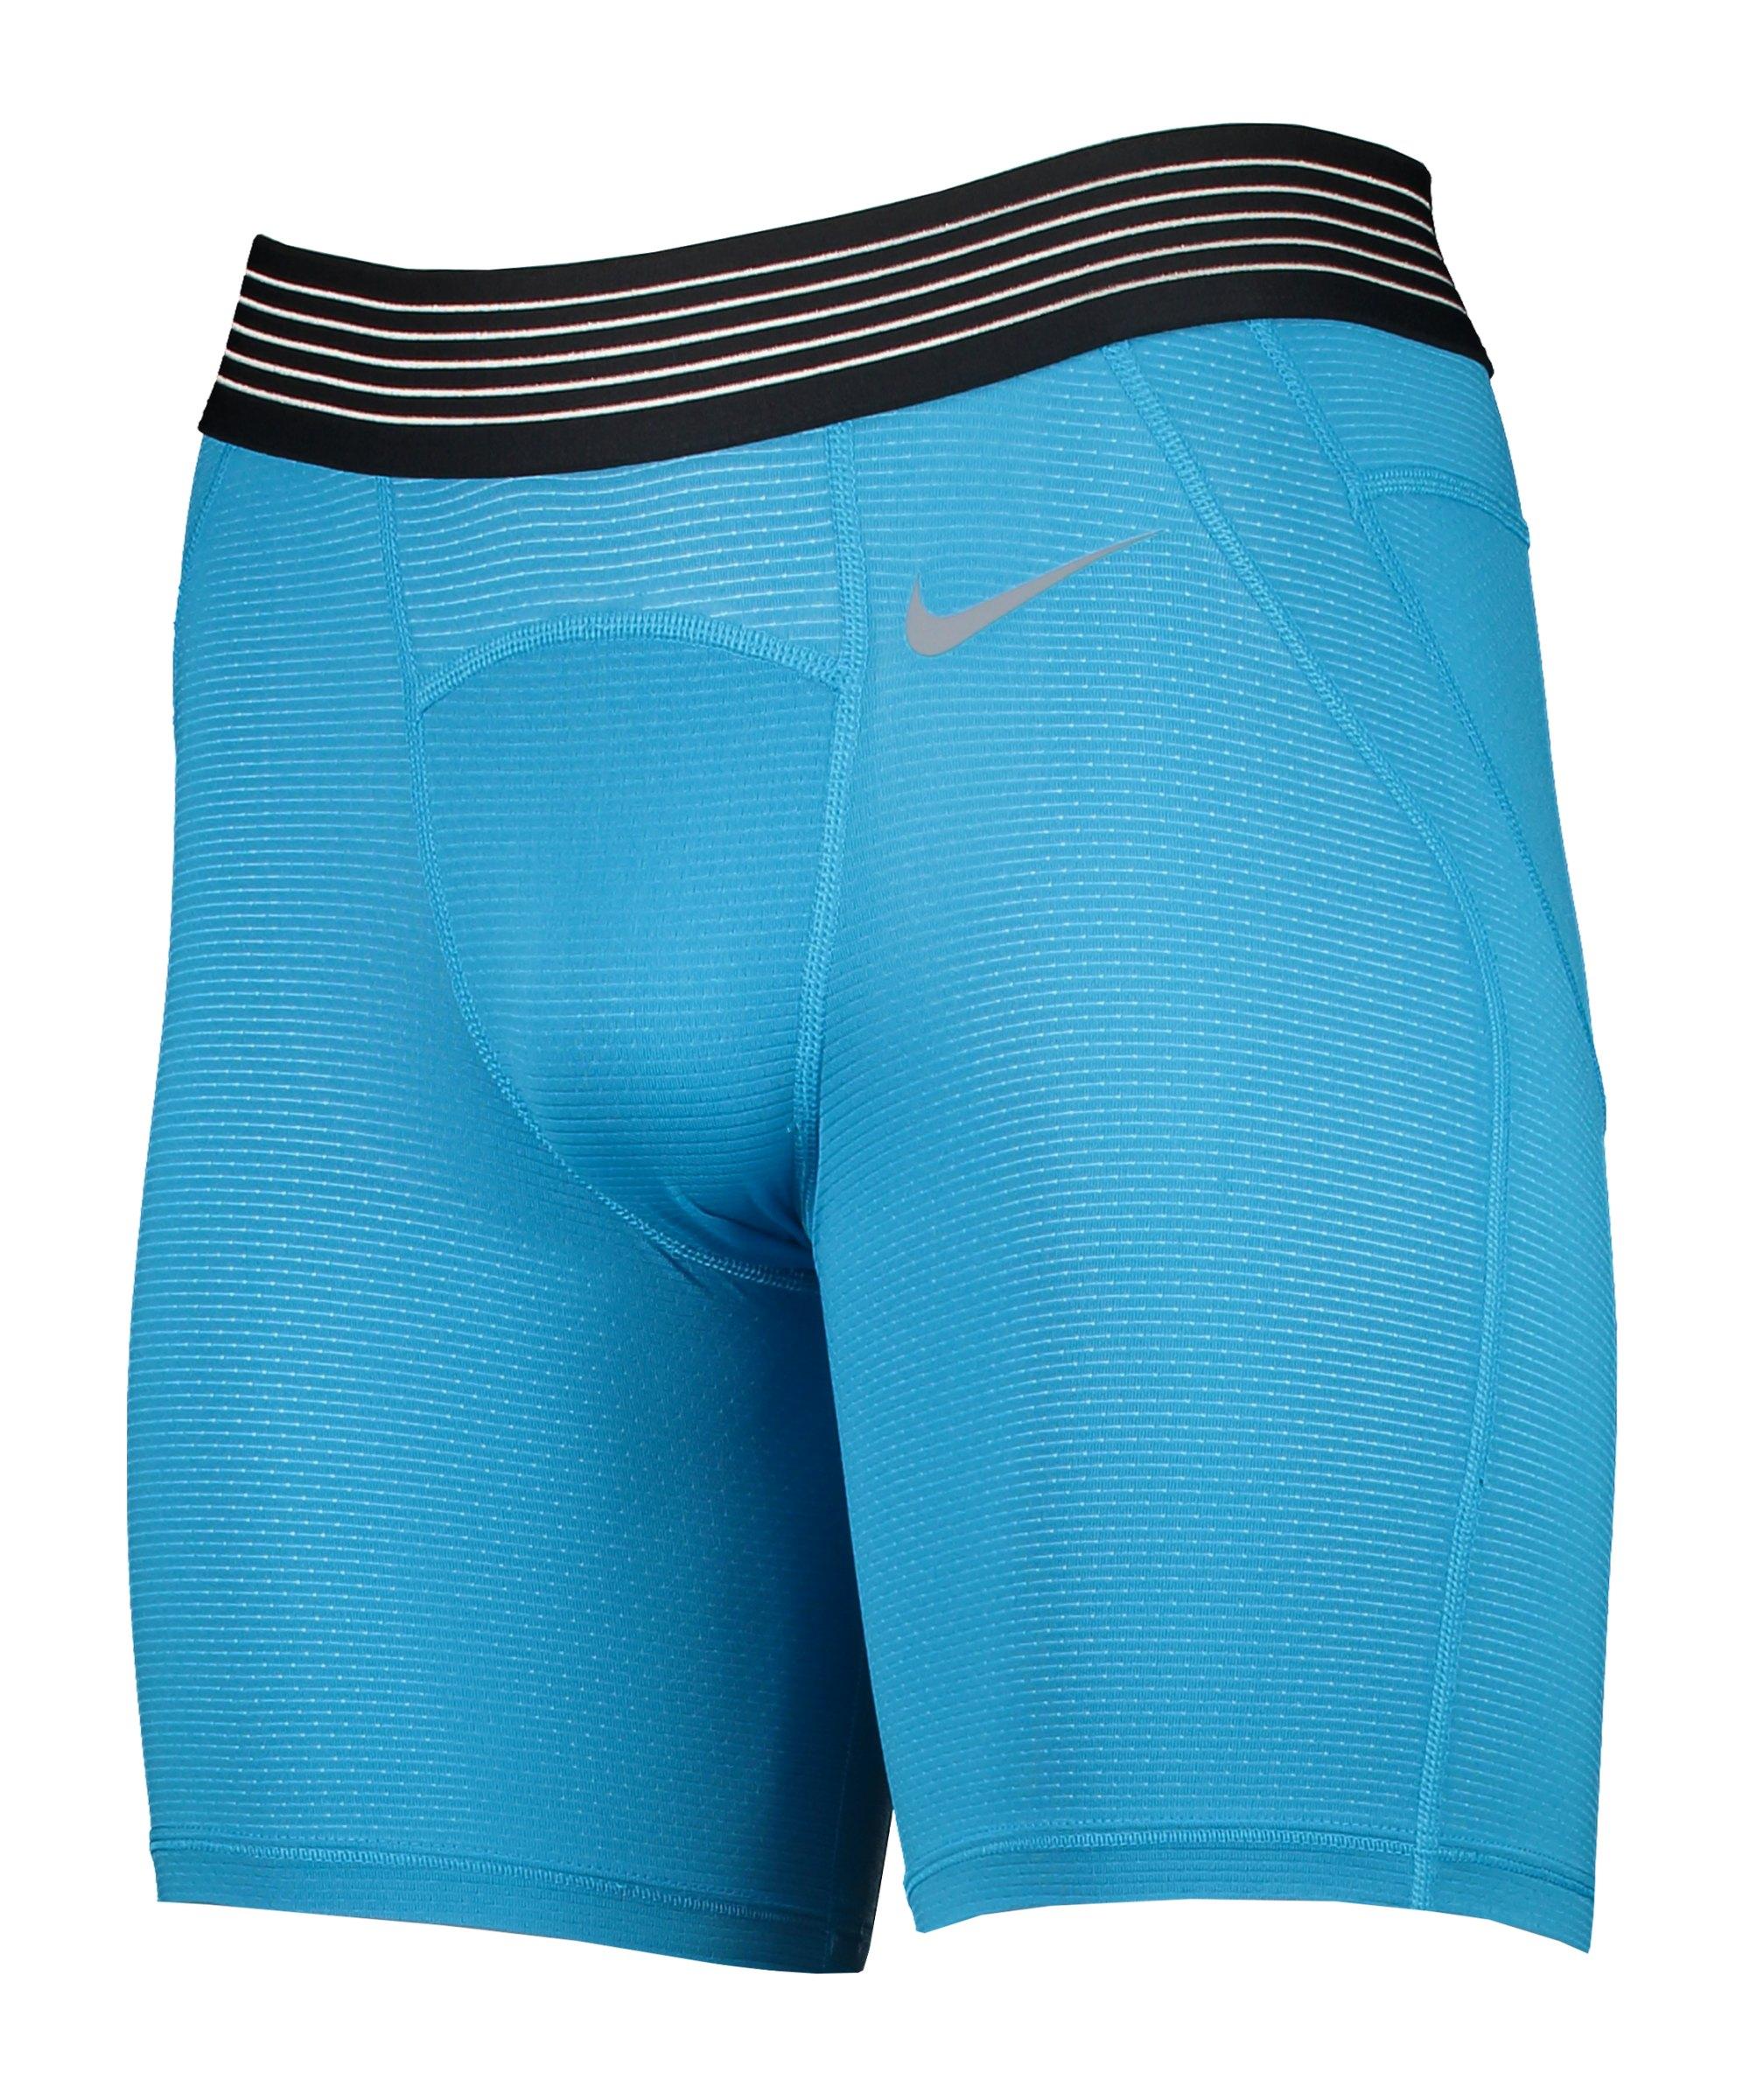 Nike Pro Hypercool Short 6in Blau F446 - blau